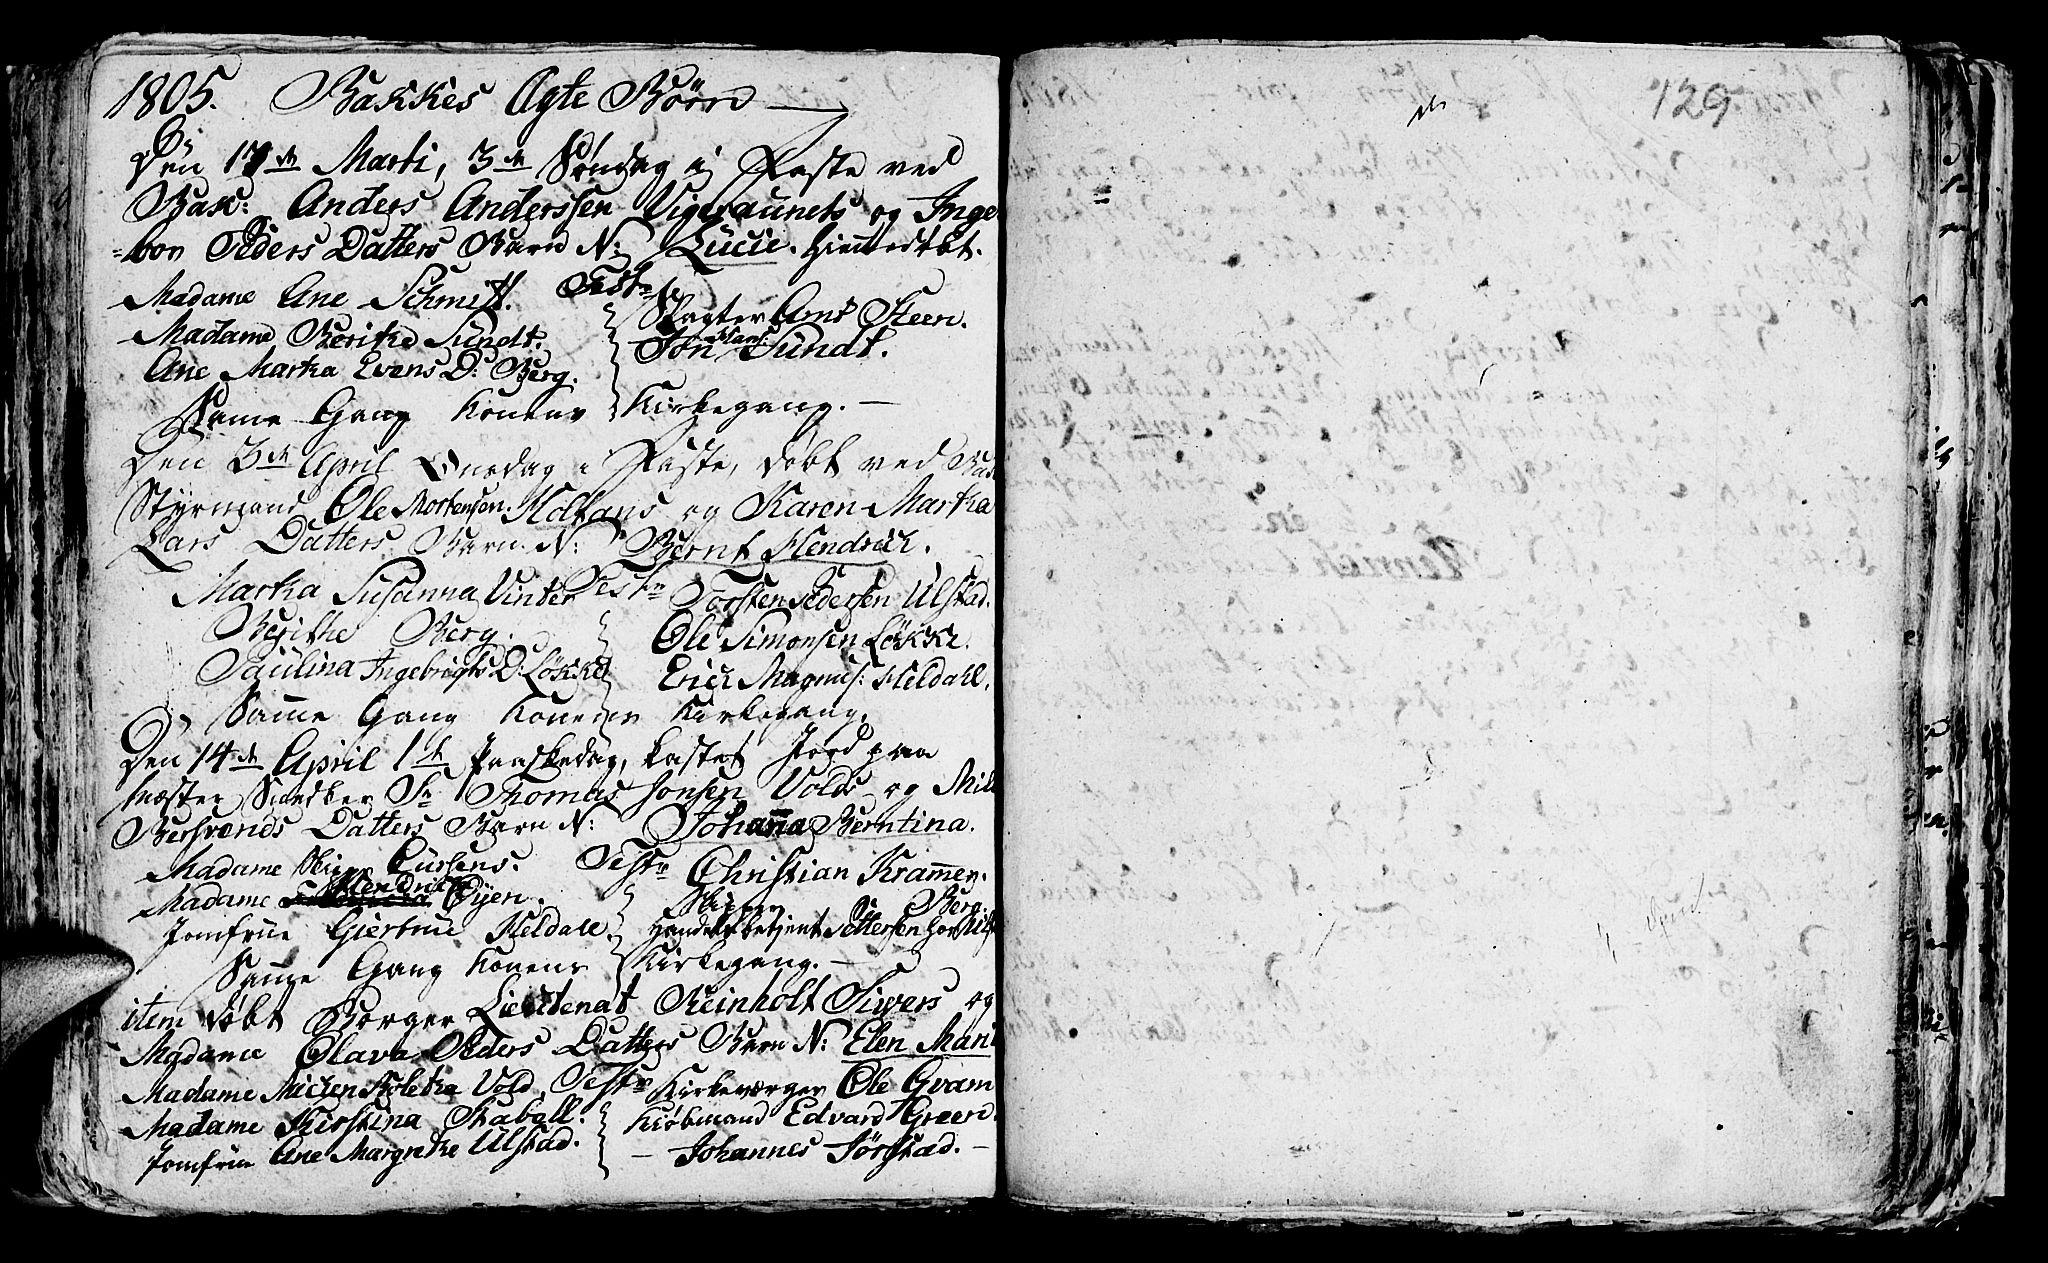 SAT, Ministerialprotokoller, klokkerbøker og fødselsregistre - Sør-Trøndelag, 604/L0218: Klokkerbok nr. 604C01, 1754-1819, s. 129